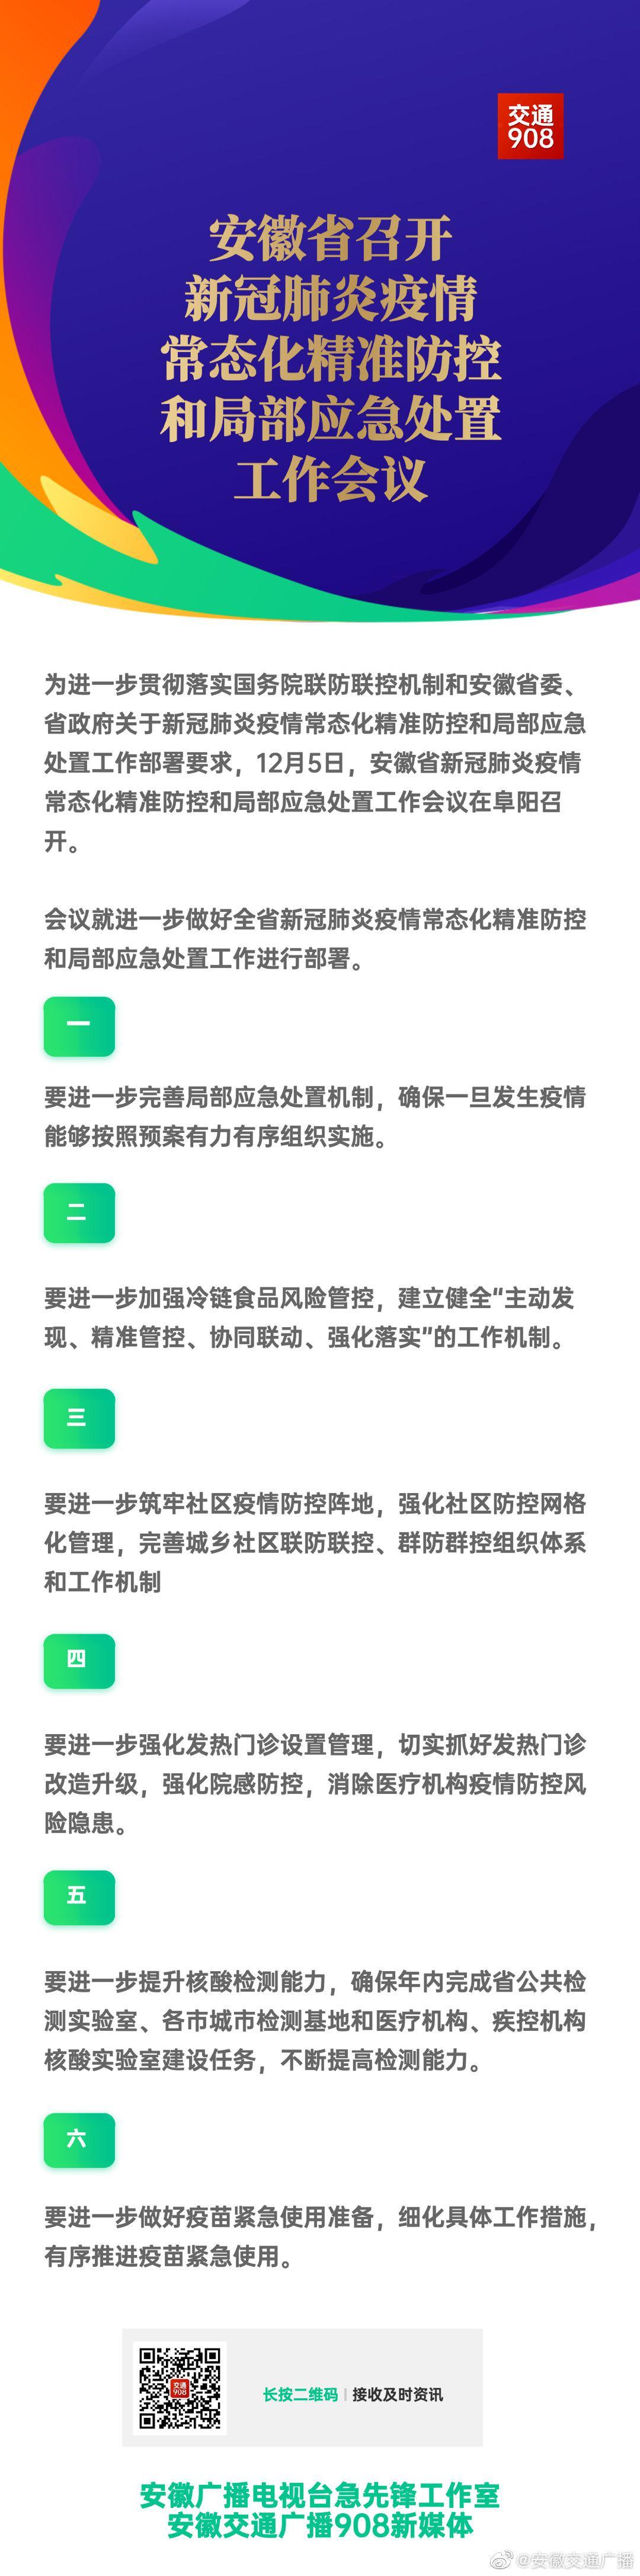 安徽省召开新冠肺炎疫情常态化精准防控和局部应急处置工作会议